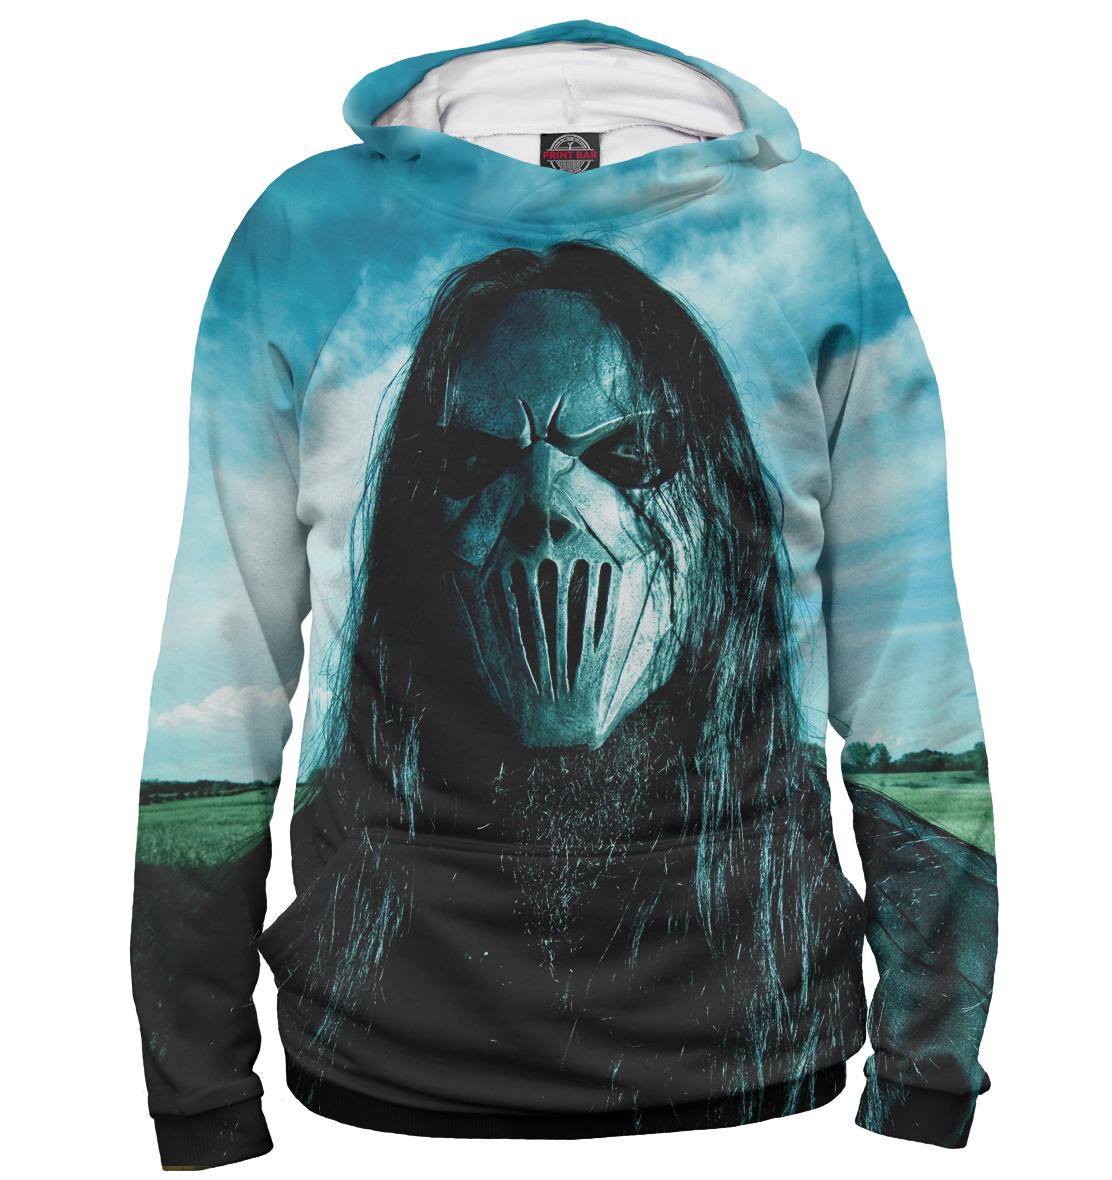 Купить Худи для мальчика Slipknot SLI-270195-hud-2